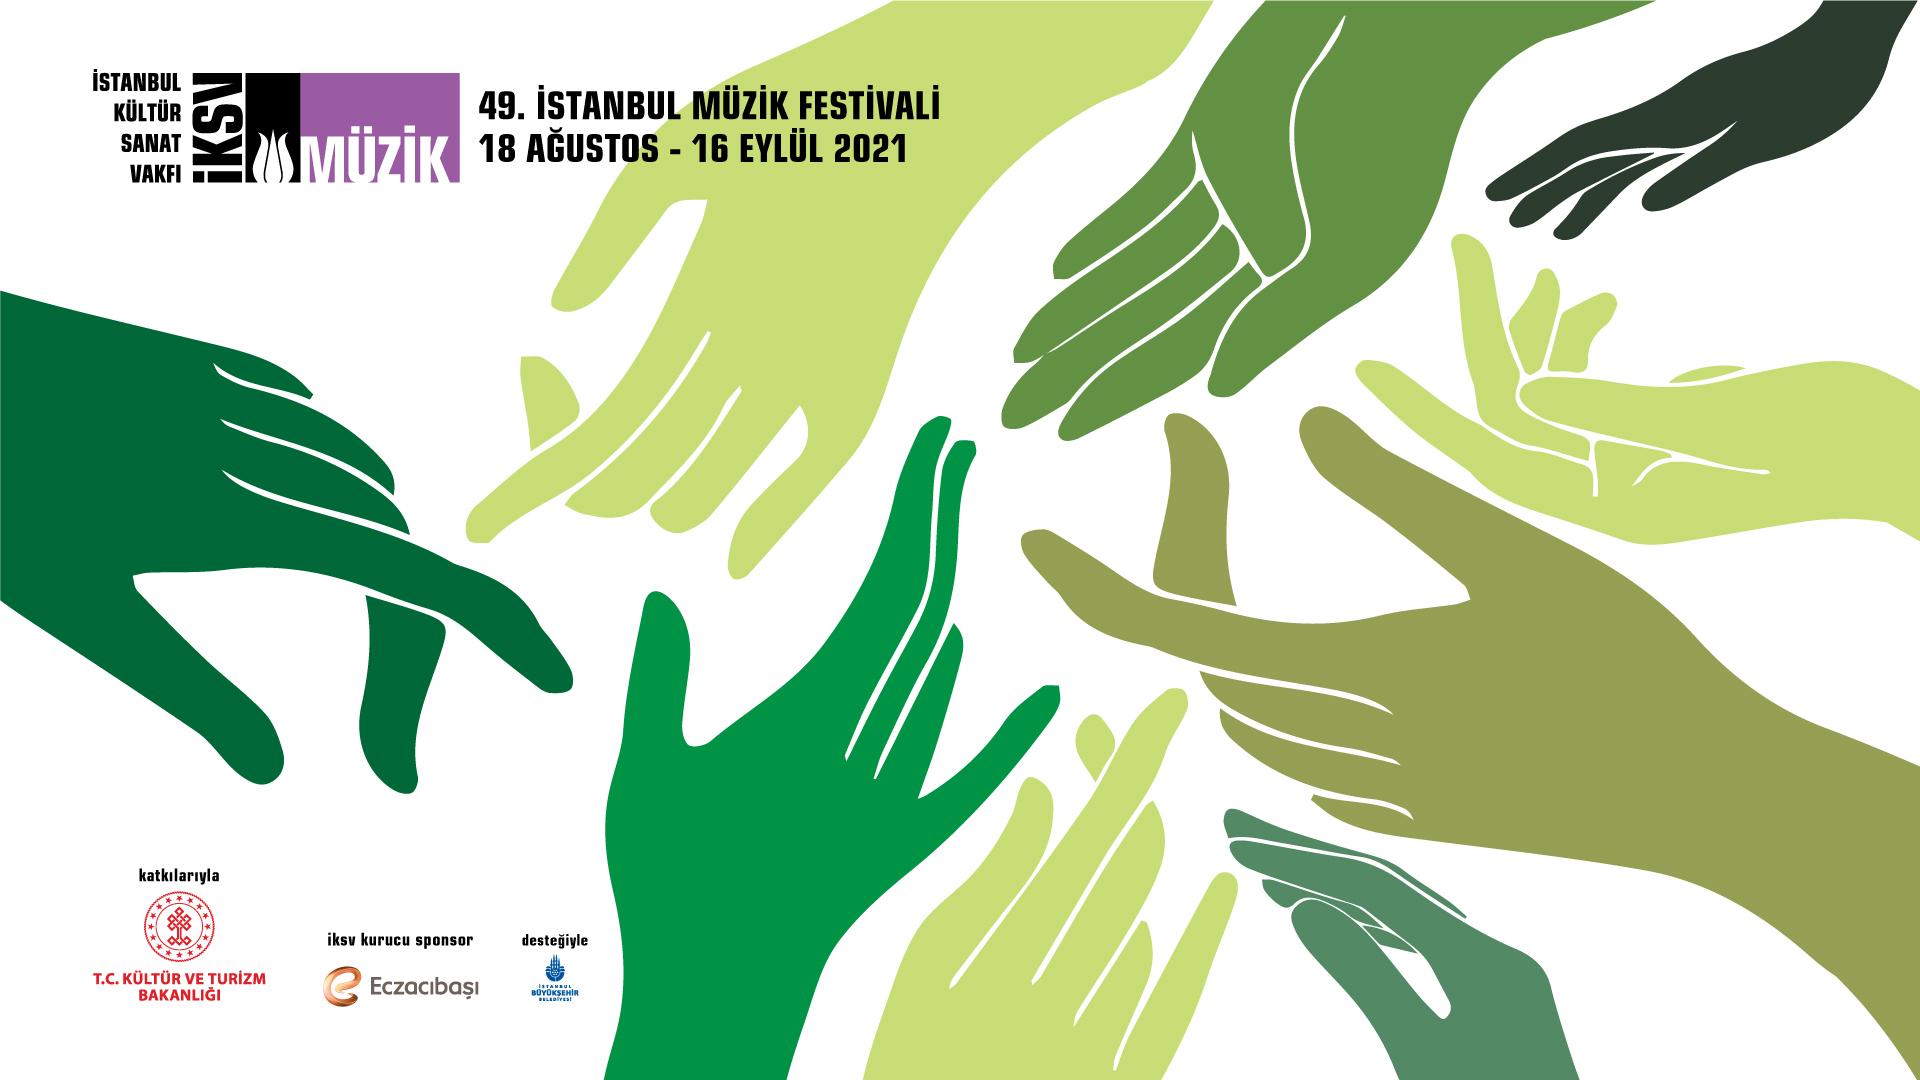 49. İstanbul Müzik Festivali, açık hava mekanlarında dinleyicilerle buluşmaya hazırlanıyor!